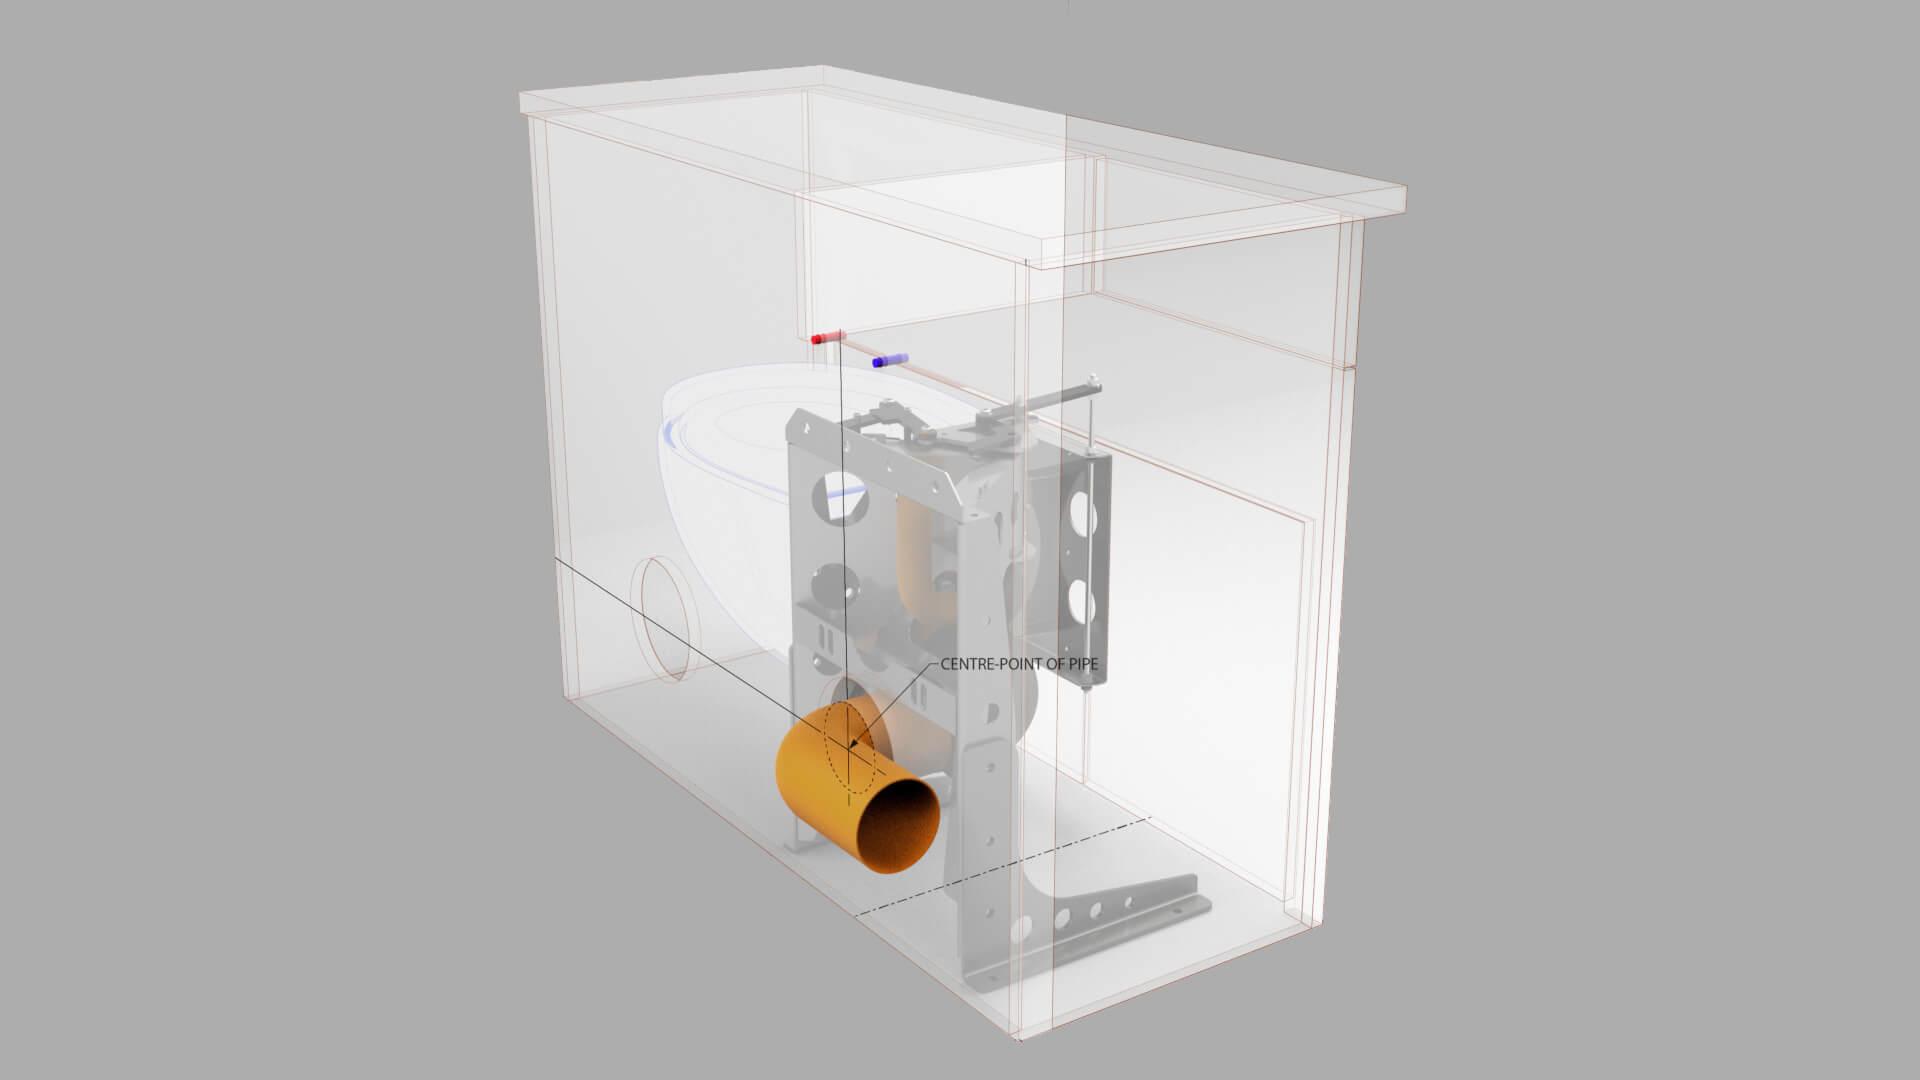 hidealoo cabinet rear waste exit retractable hidden toilet 1920 x 1080